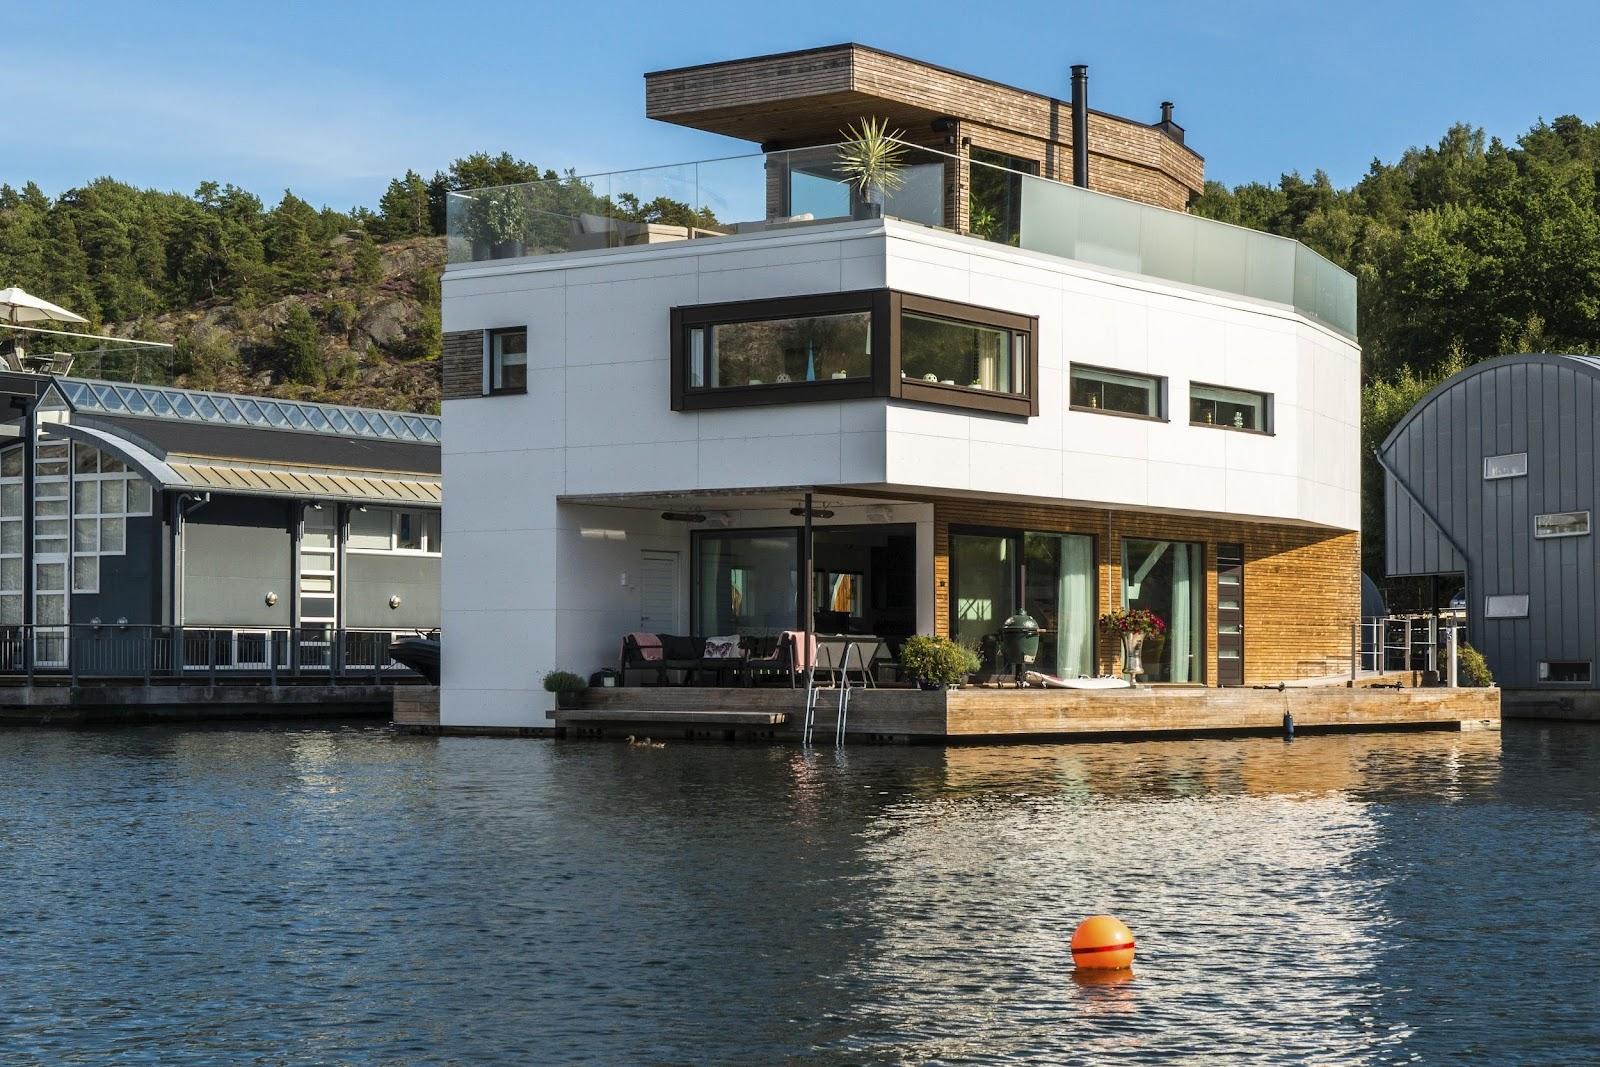 Schwimmendes Haus mit Kebony-Holz gebaut